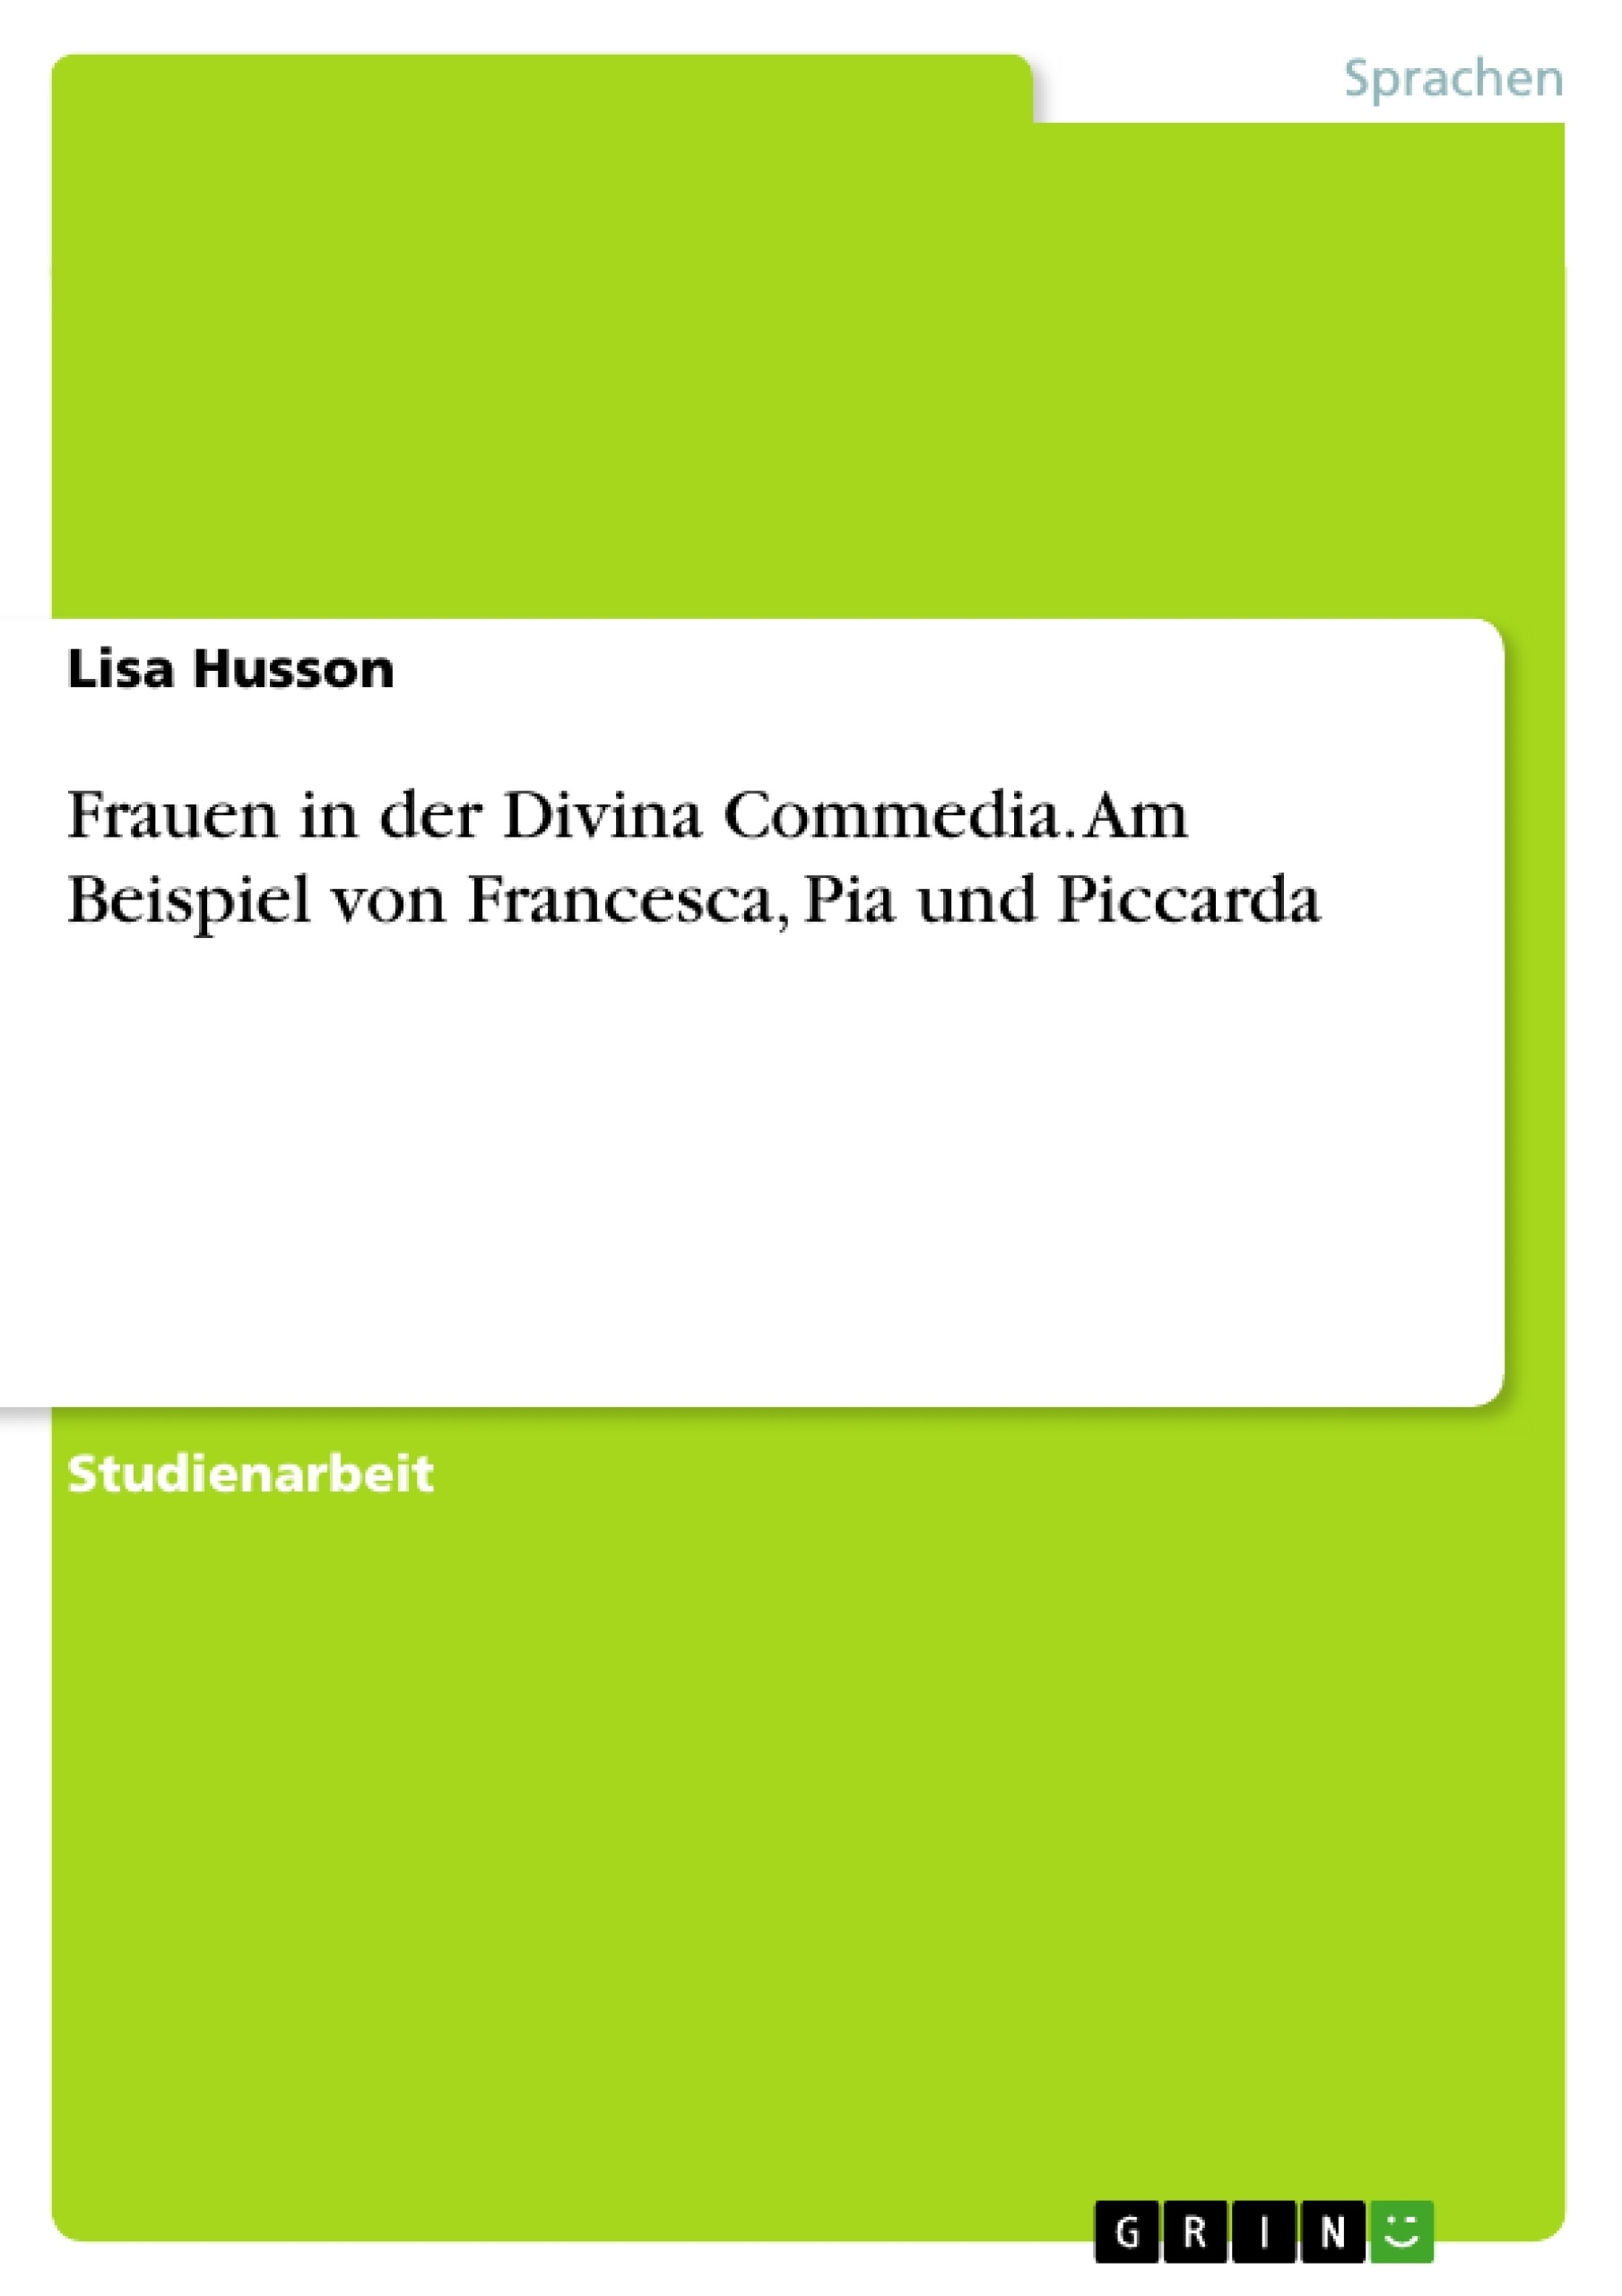 Titel: Frauen in der Divina Commedia. Am Beispiel von Francesca, Pia und Piccarda